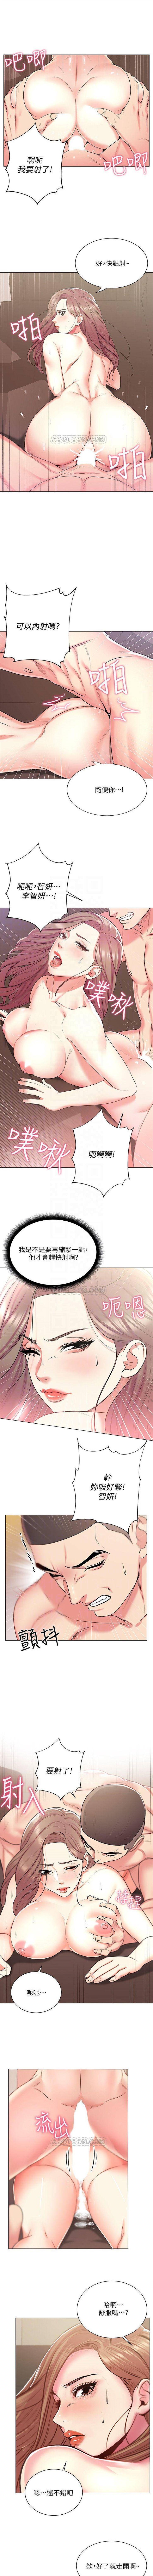 超市的漂亮姐姐 1-27 官方中文(連載中) 86